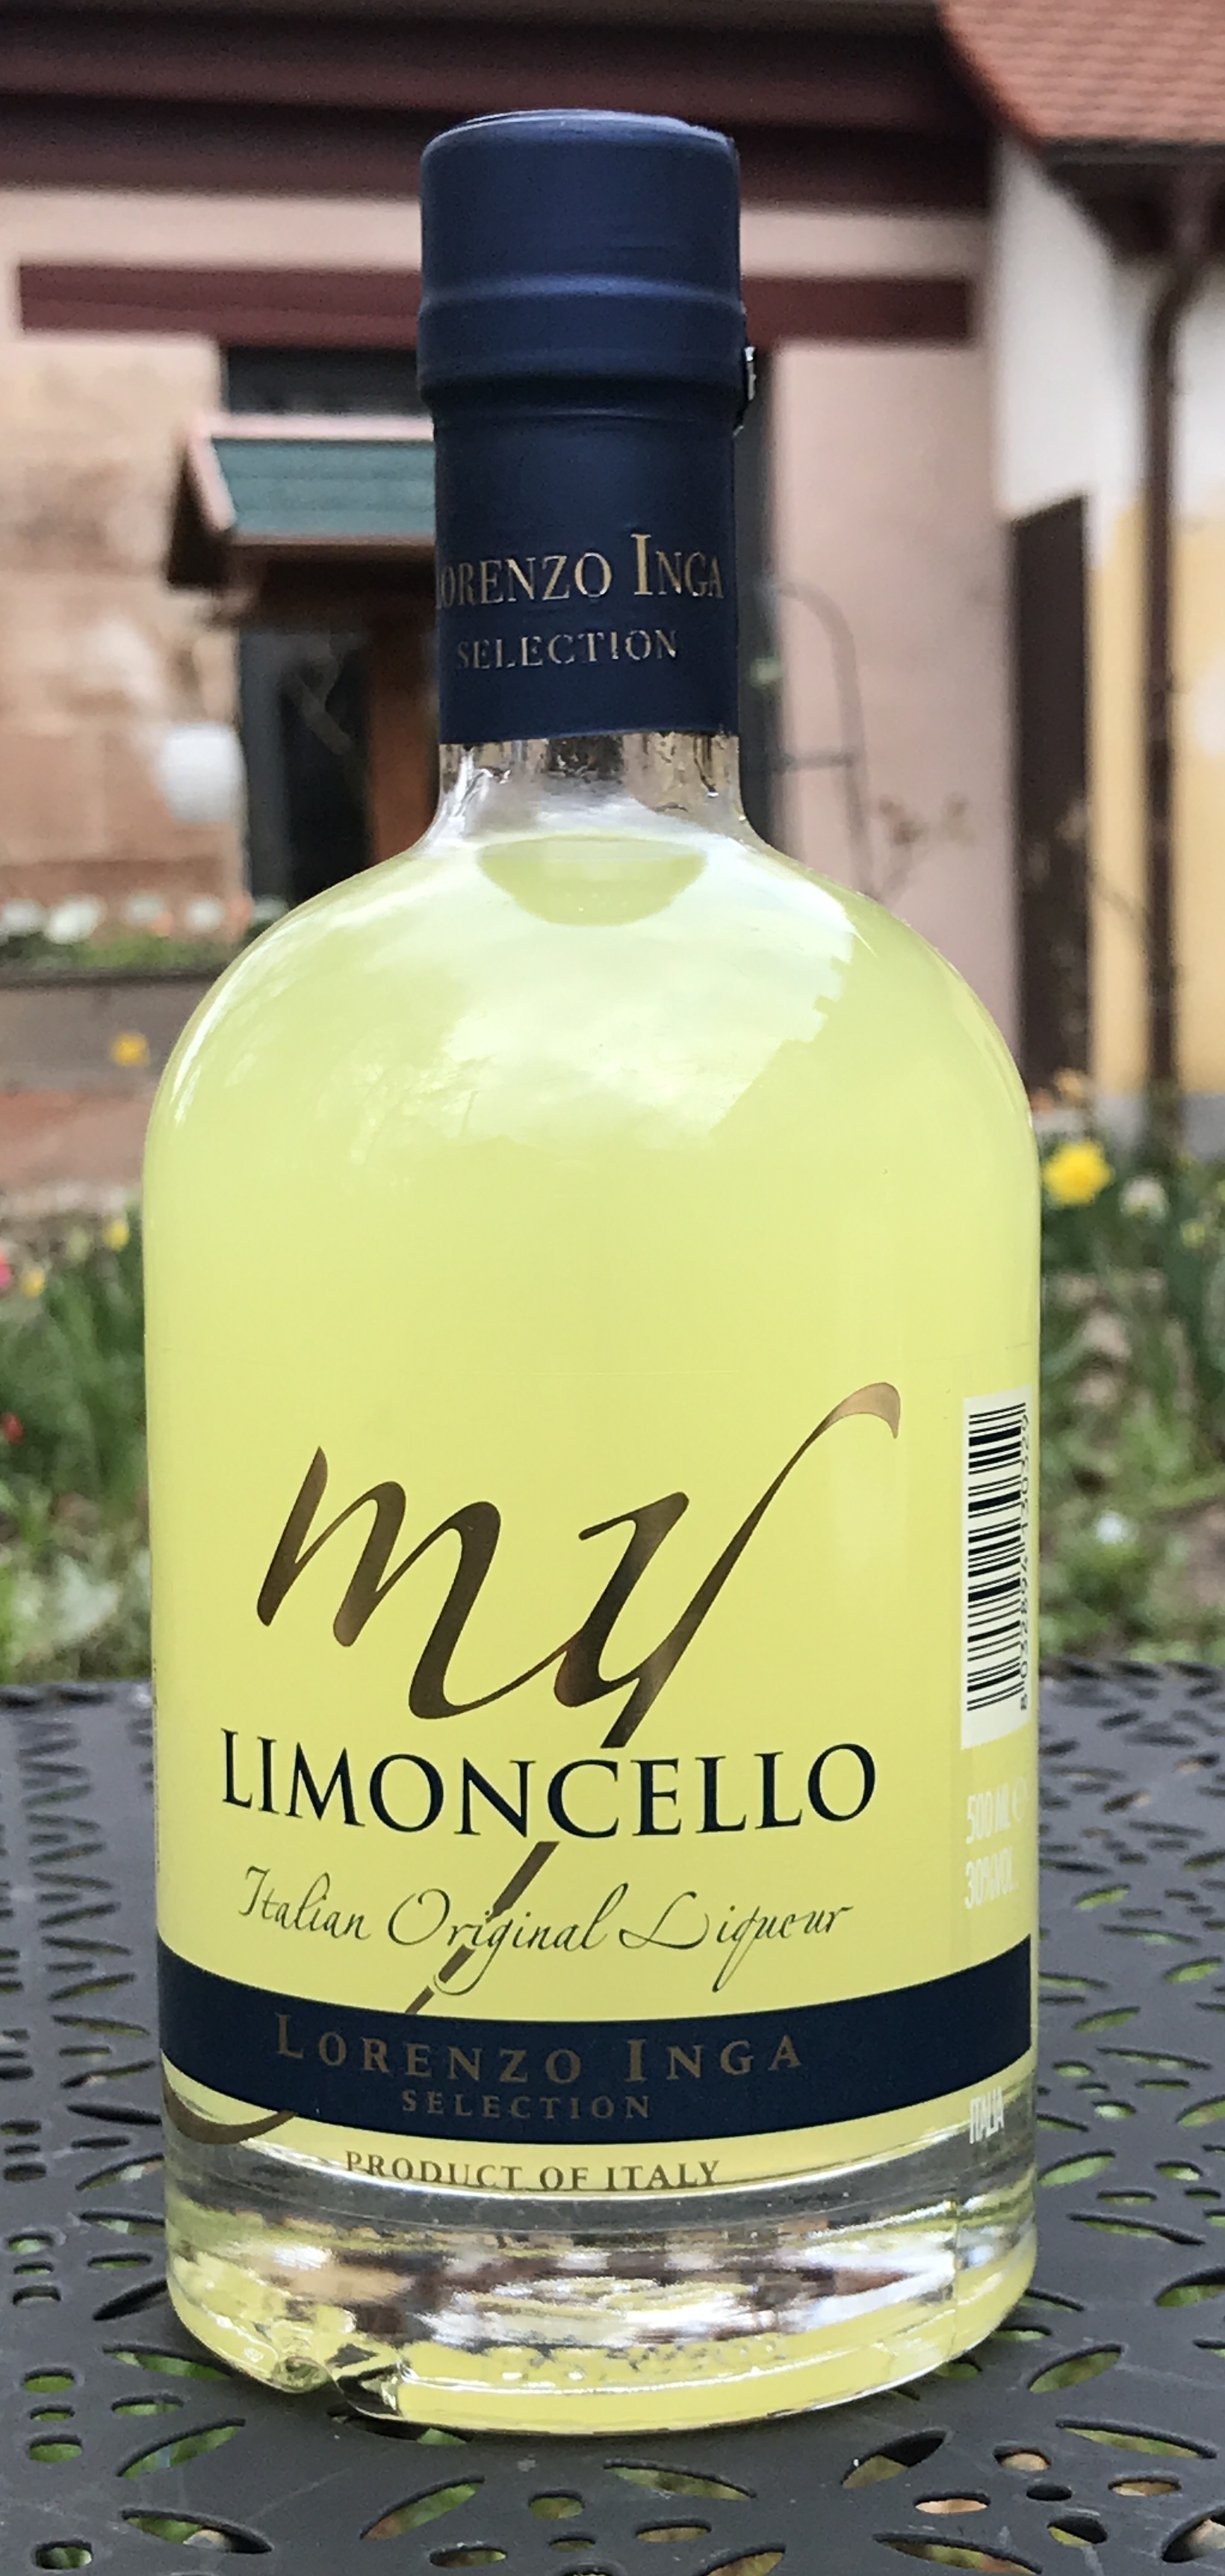 Inga verwendet nur Limonen aus Sizilien, dem Land seiner Vorfahren, für seinen Limoncello. Weich und sanft, mit herrlichem Limonengeschmack, einer leichten eleganten Bitternote und frischer, fruchtiger Säure. Eiskalt ein Genuss. Klassisch im Prosecco oder machen Sie mal ein Sorbet damit.